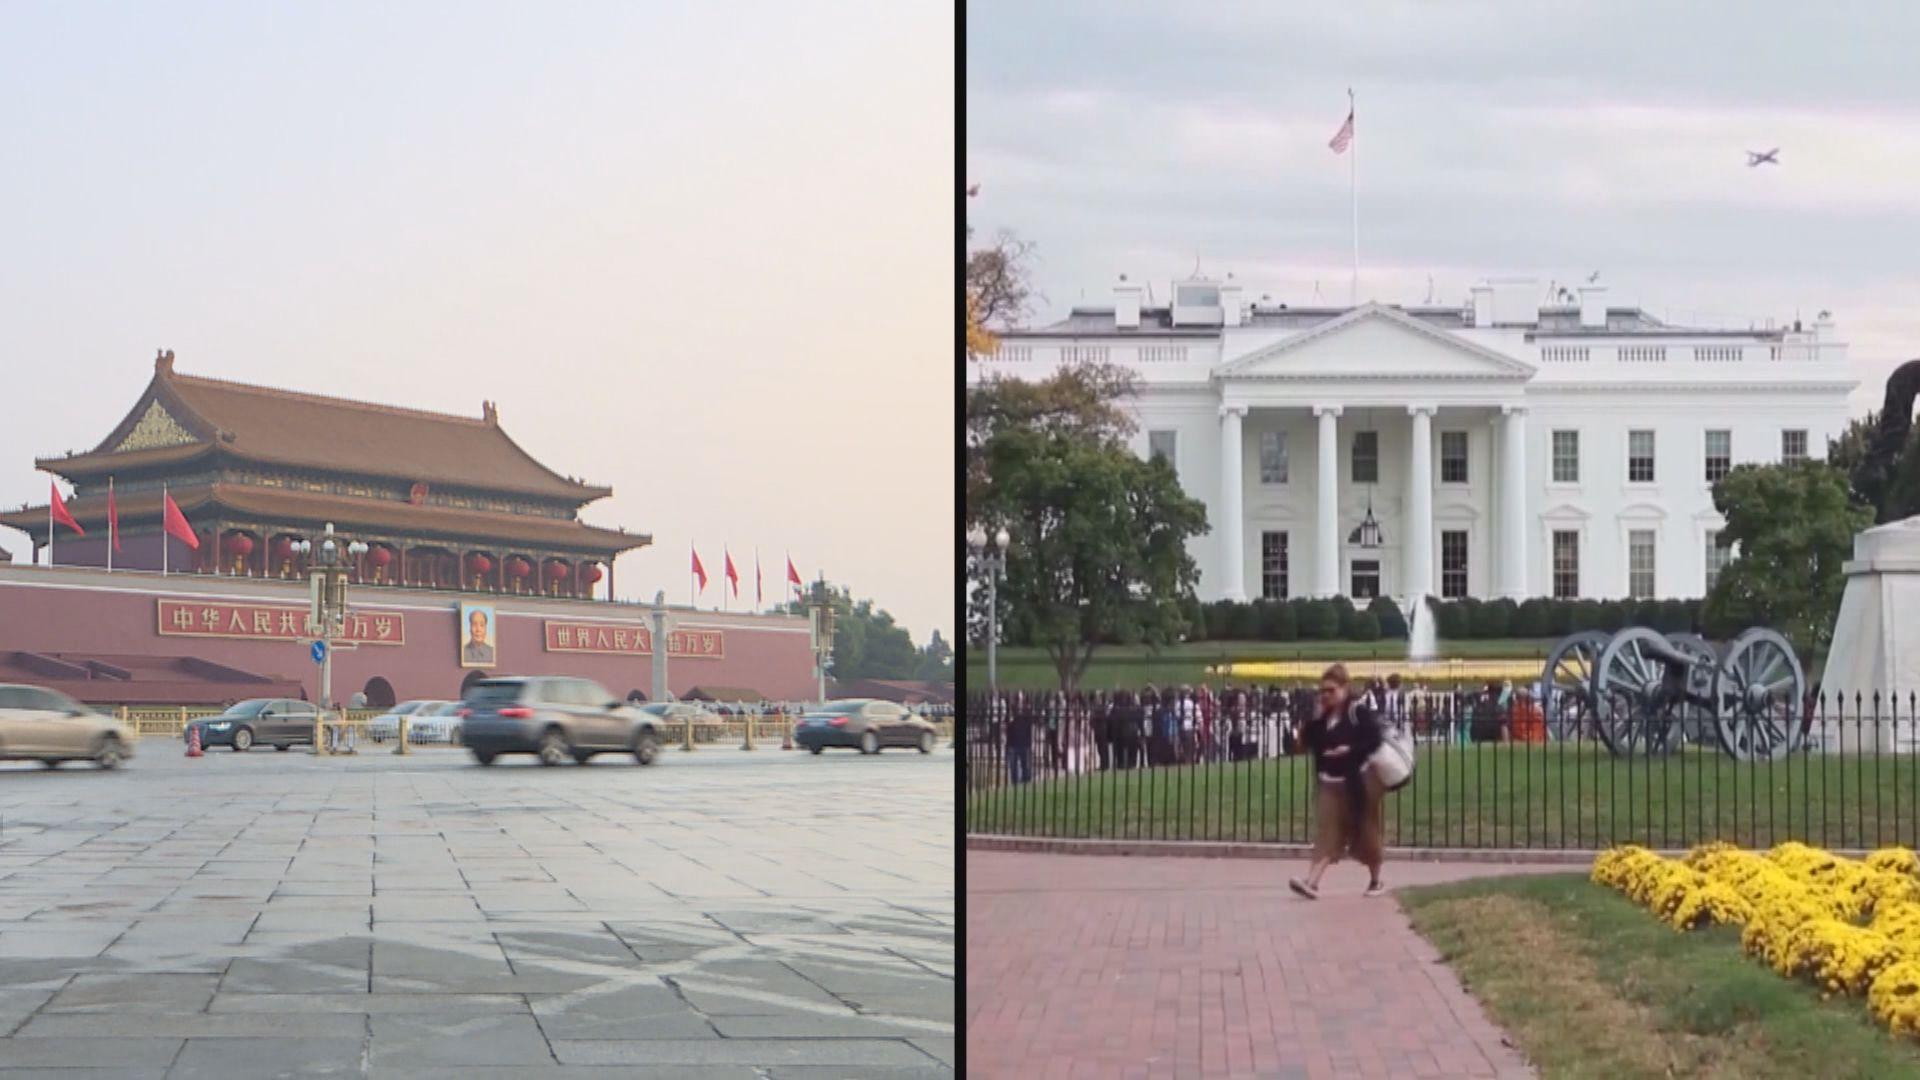 【中美貿戰】傳兩國接近達成協議 習特會3.27前後召開